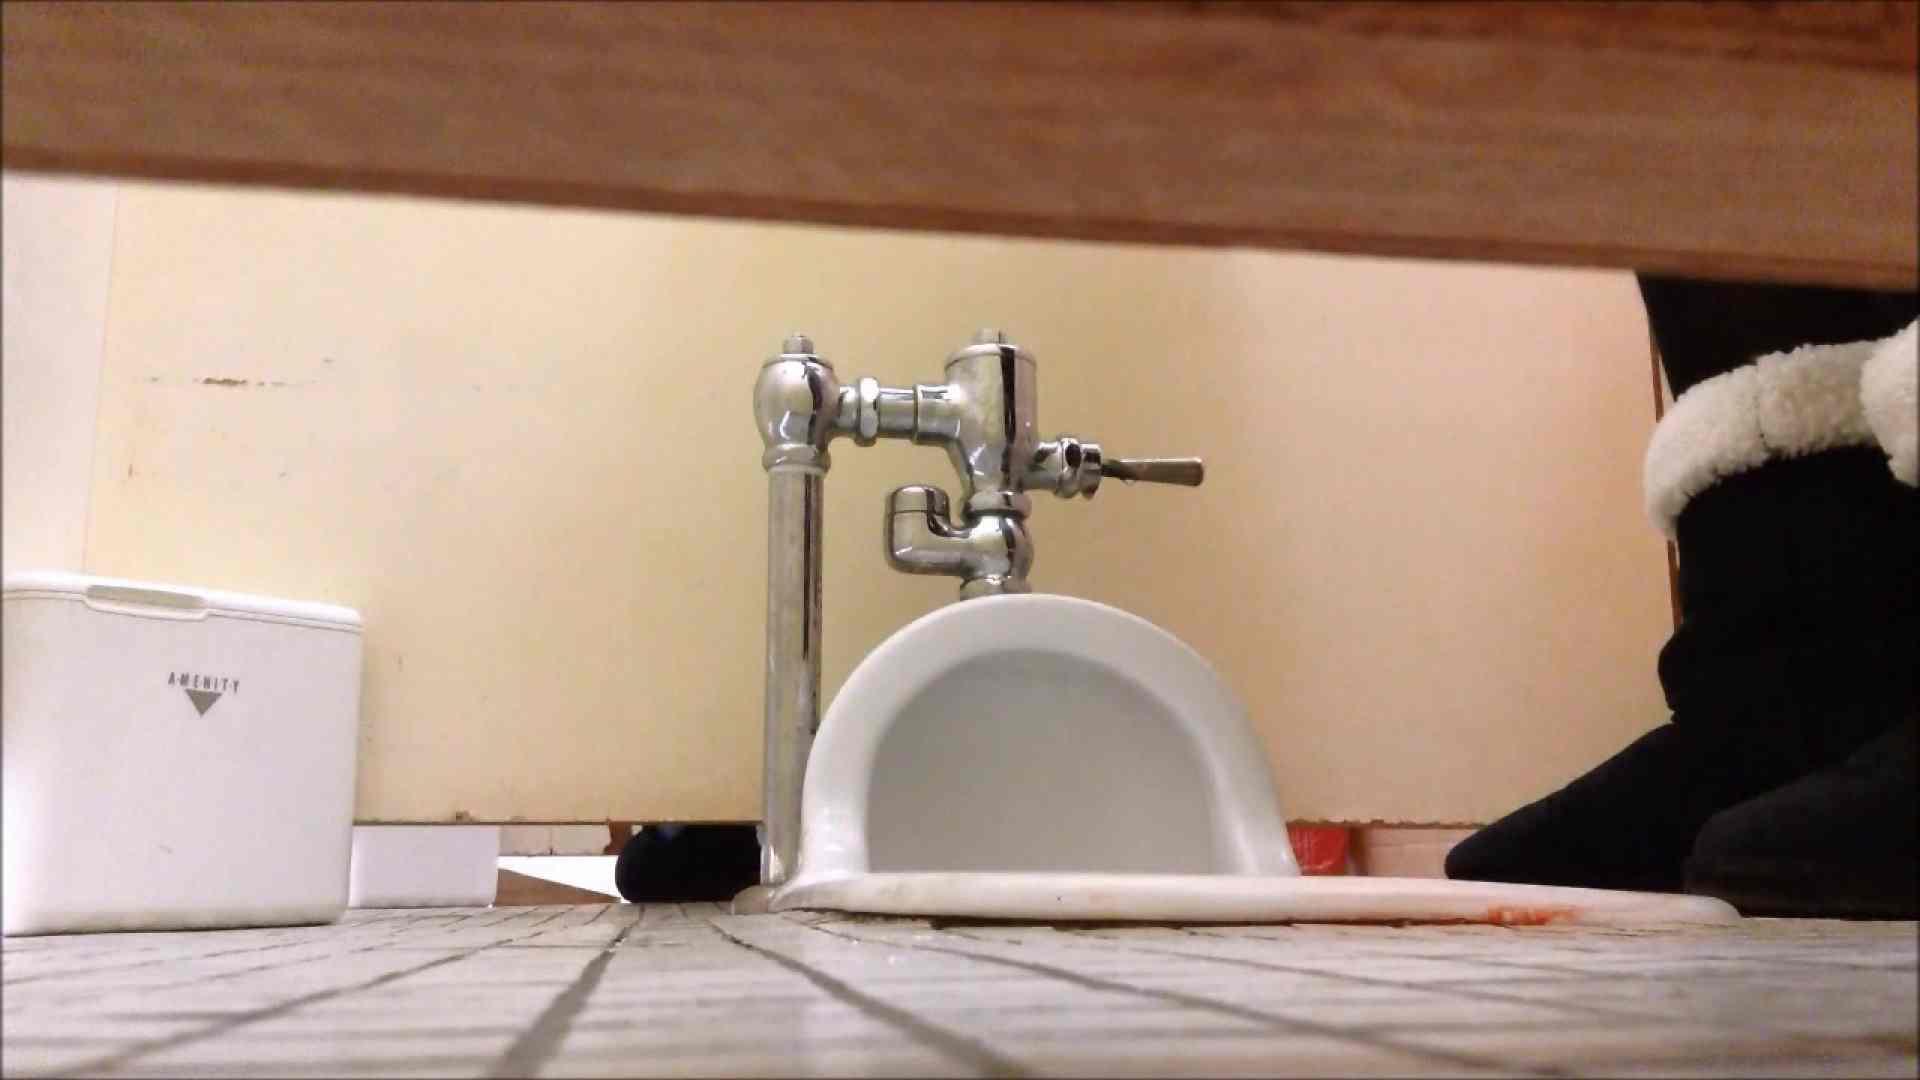 某有名大学女性洗面所 vol.09 和式 オマンコ無修正動画無料 78PIX 10